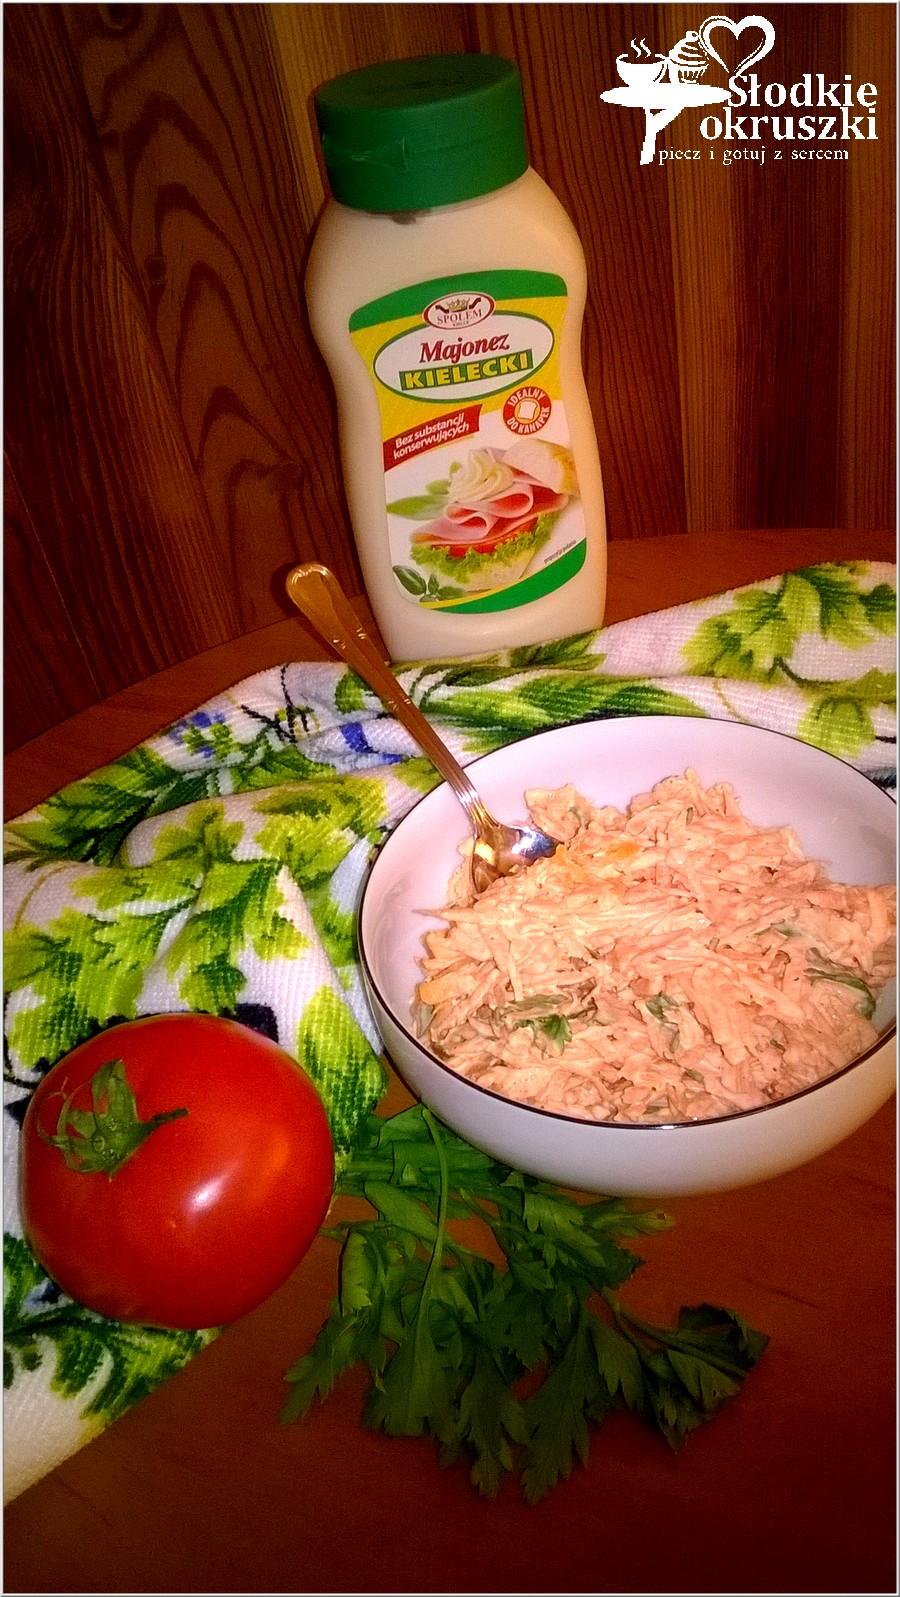 Szybka surówka z marchewki i zielonej pietruszki (2)